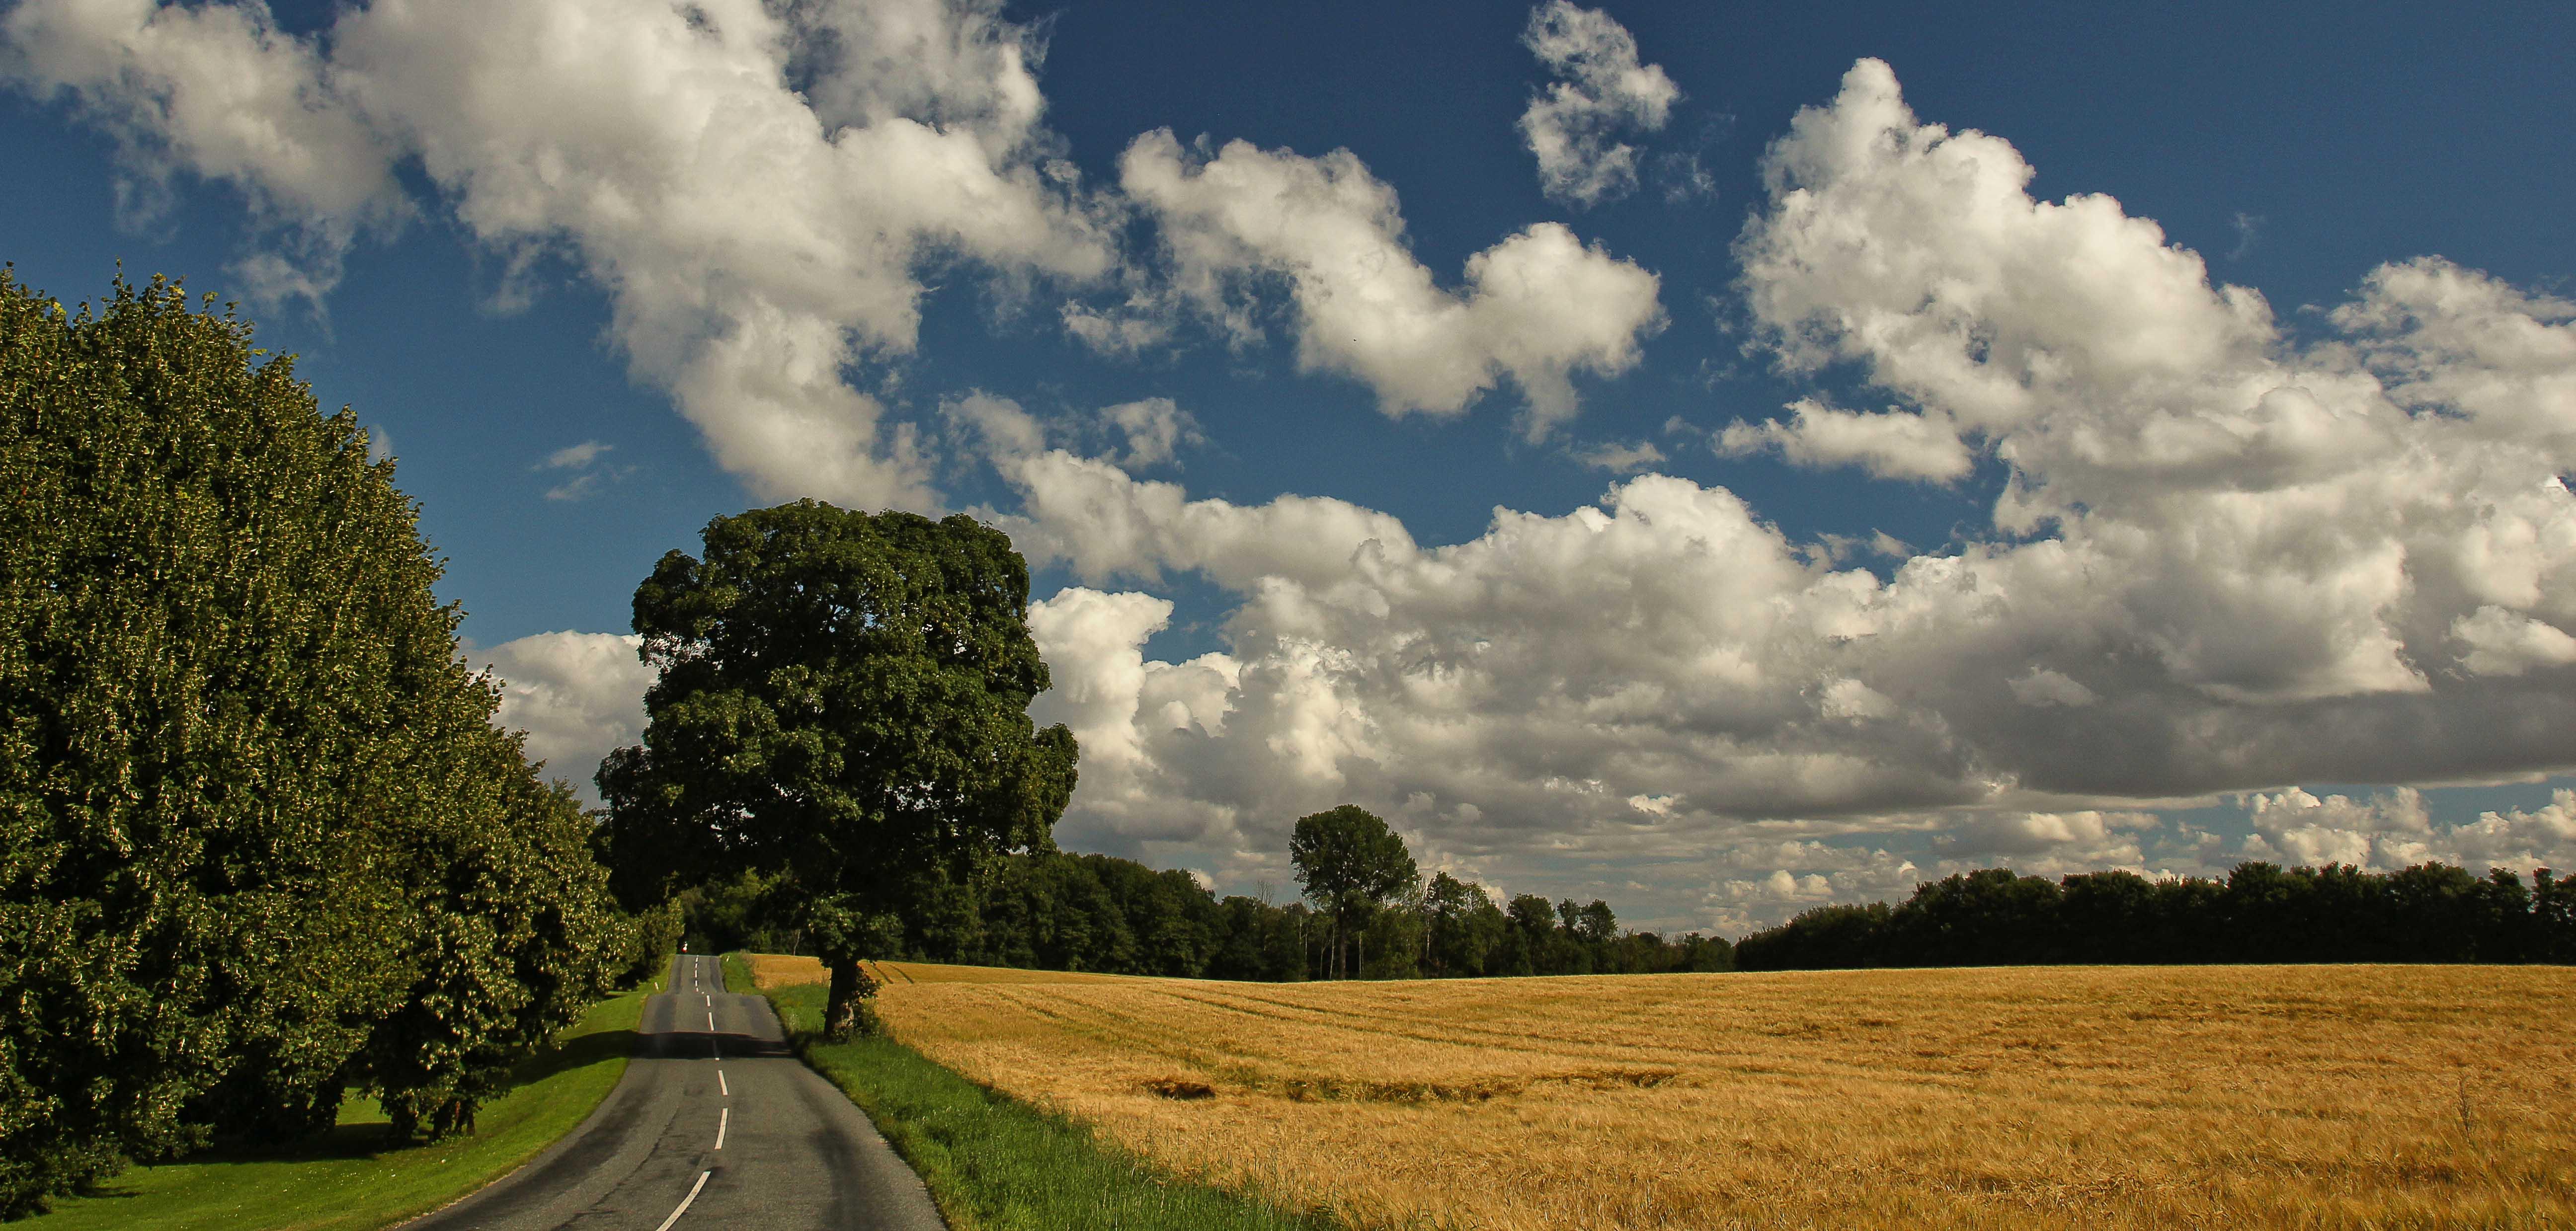 Zeland. Denmark